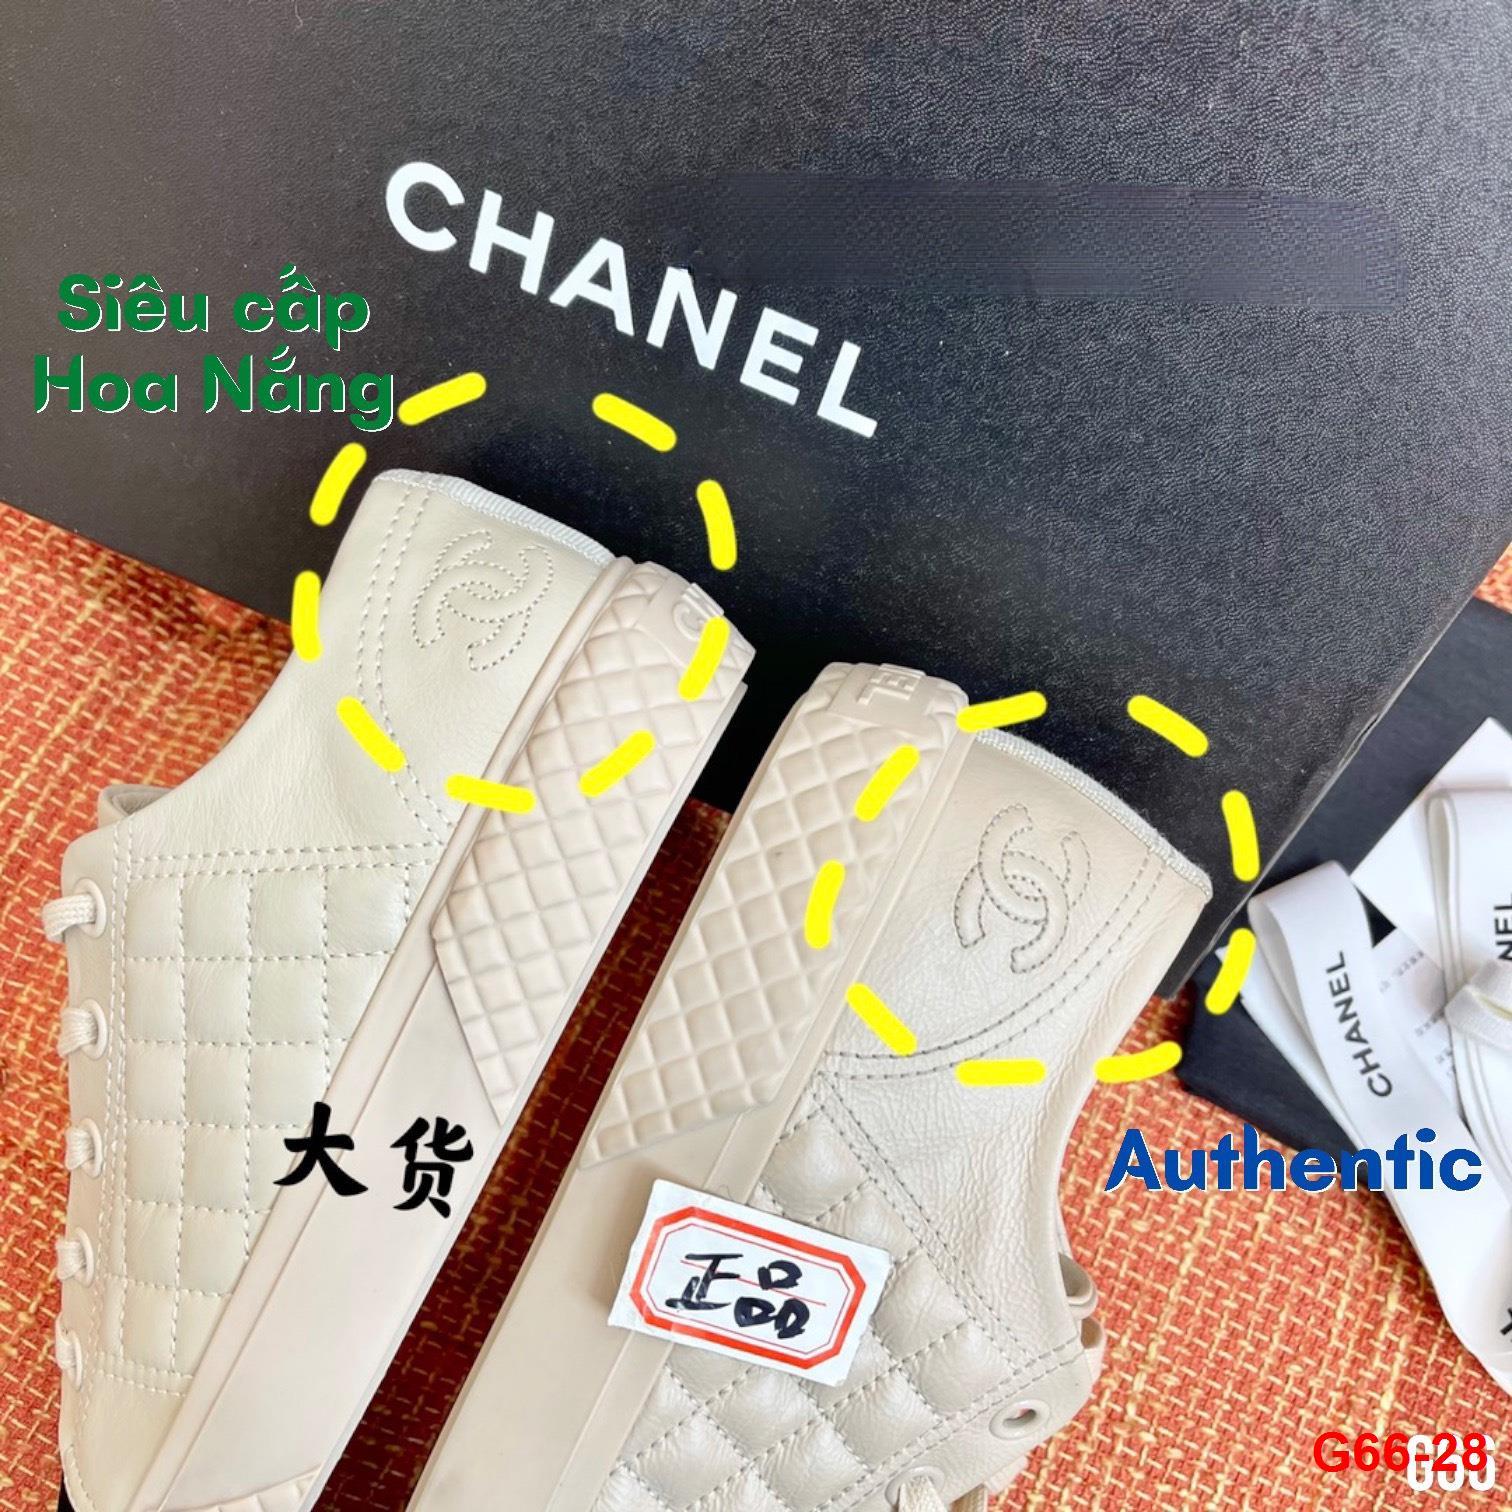 G66-28 Chanel giày thể thao siêu cấp